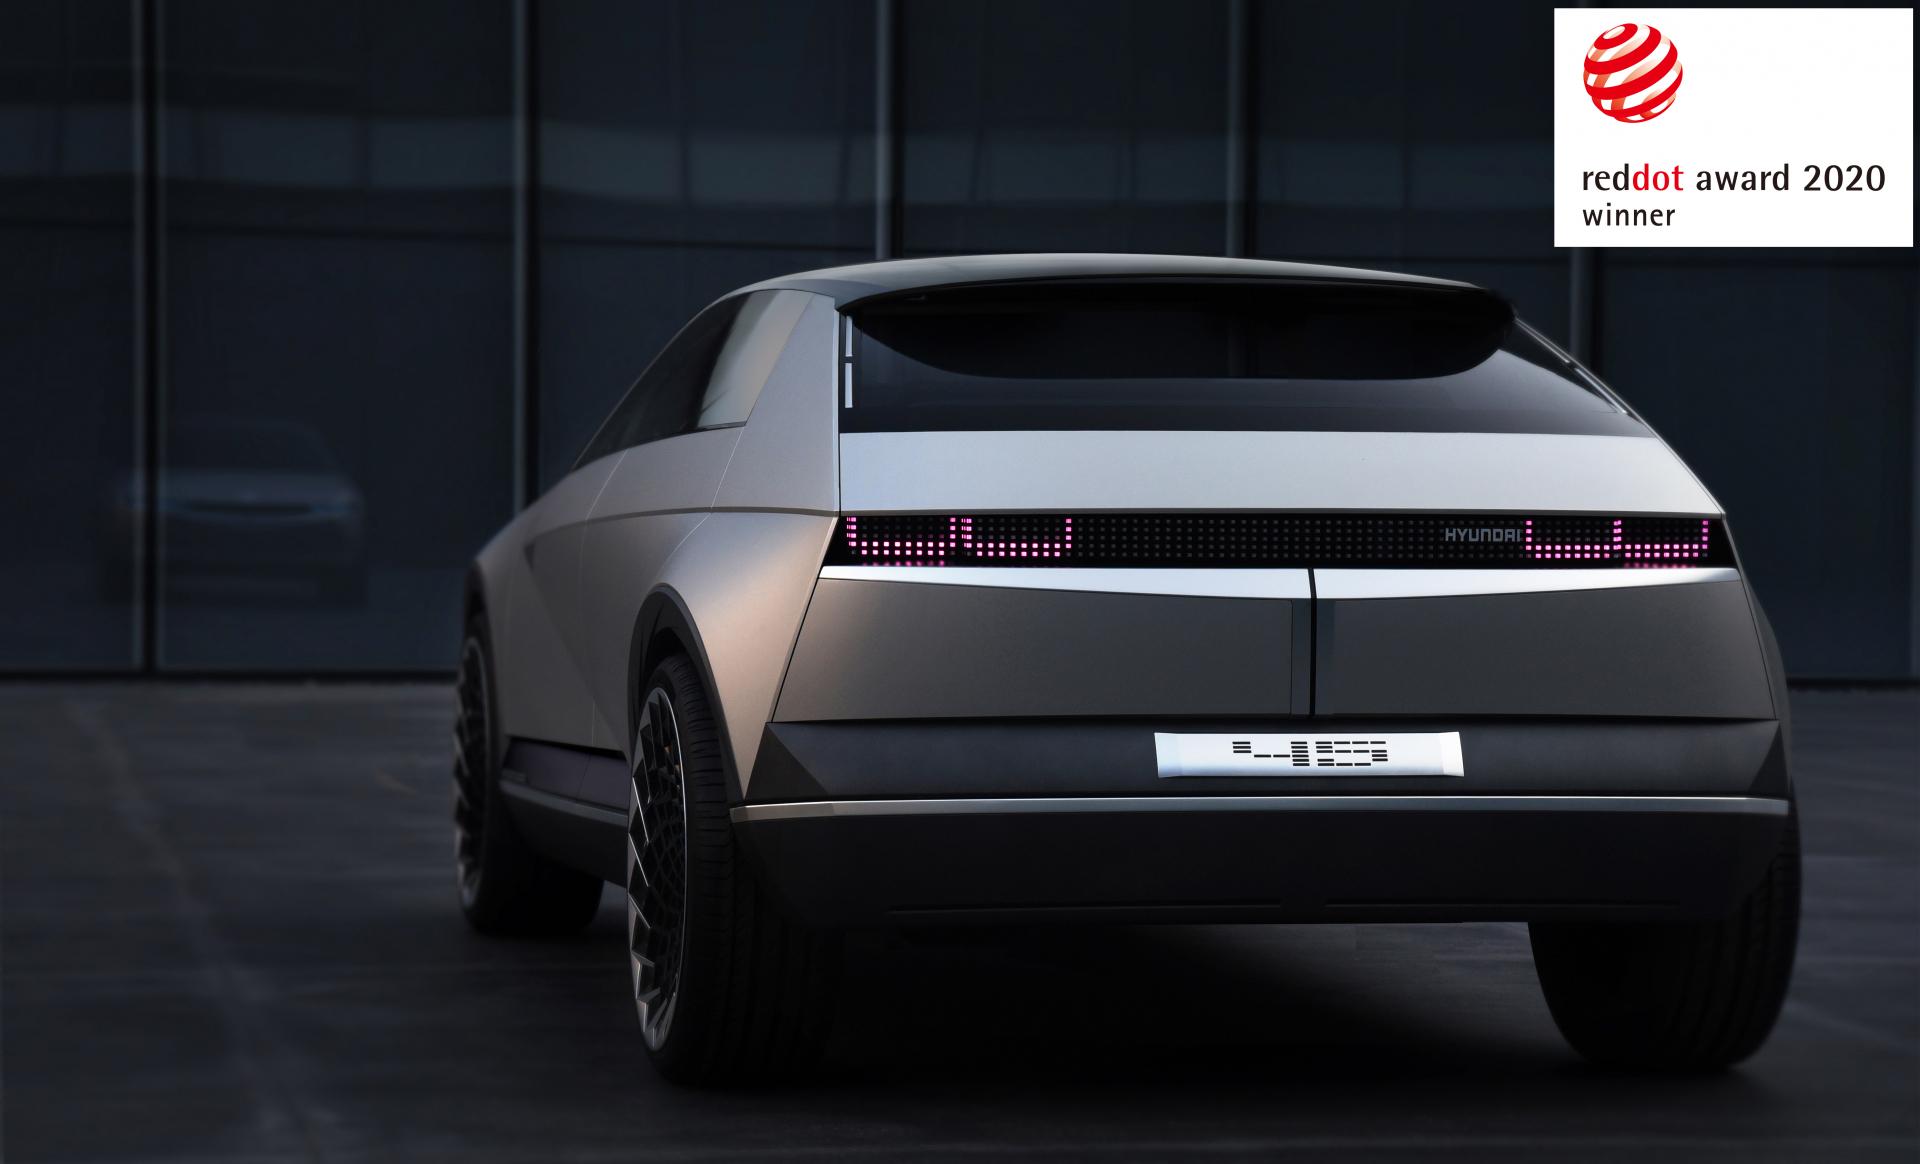 Компанія Hyundai Motor отримала три нагороди Red Dot Award 2020 за концептуальний дизайн | Хюндай Мотор Поділля - фото 10